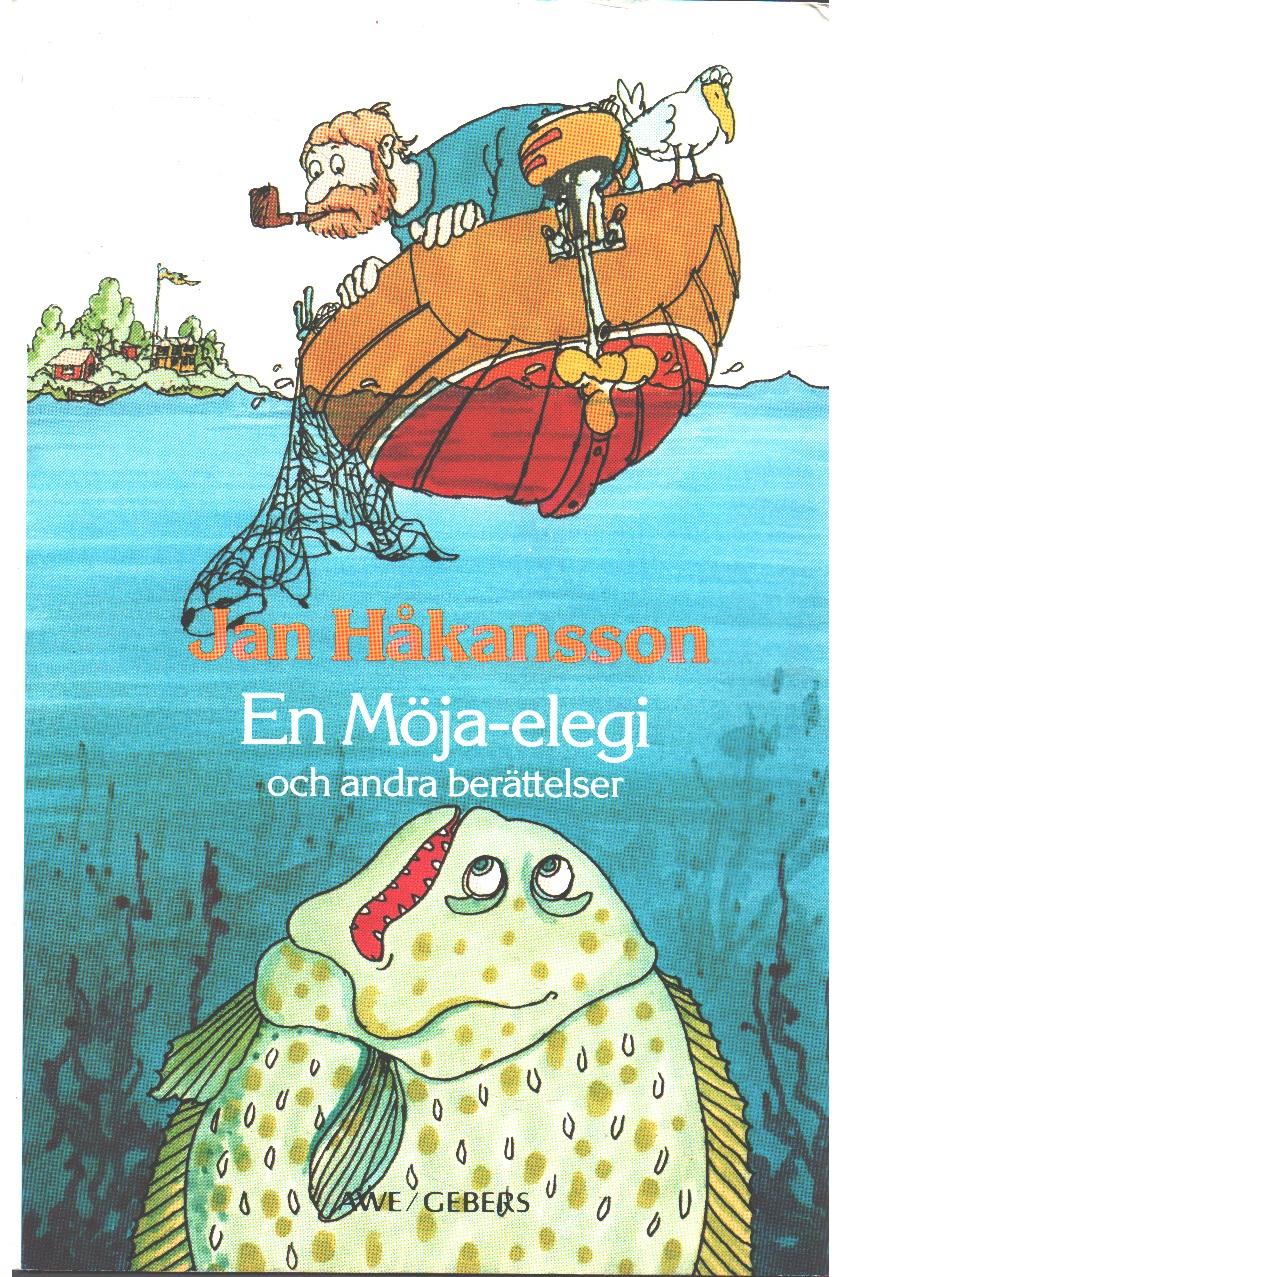 En Möja-elegi och andra berättelser - Håkansson, Jan